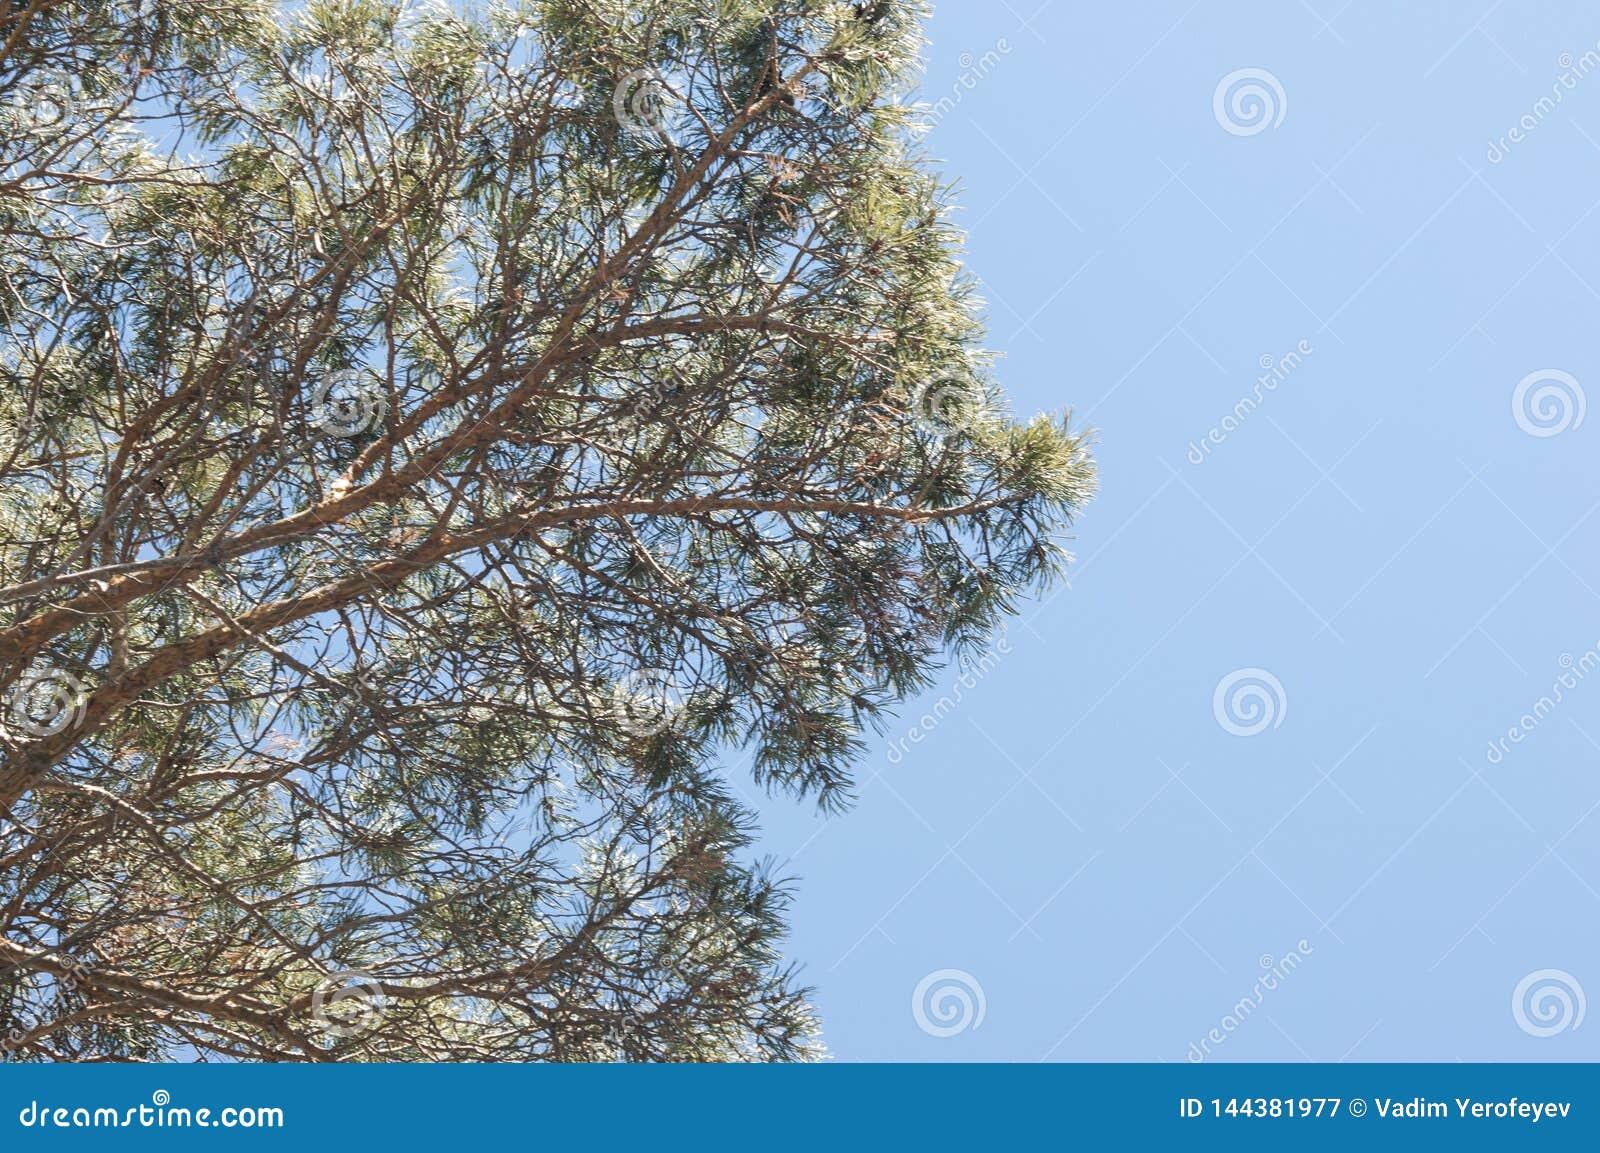 Einer Kiefer, grüne Kiefernnadeln gegen einen blauen Himmel oben betrachten